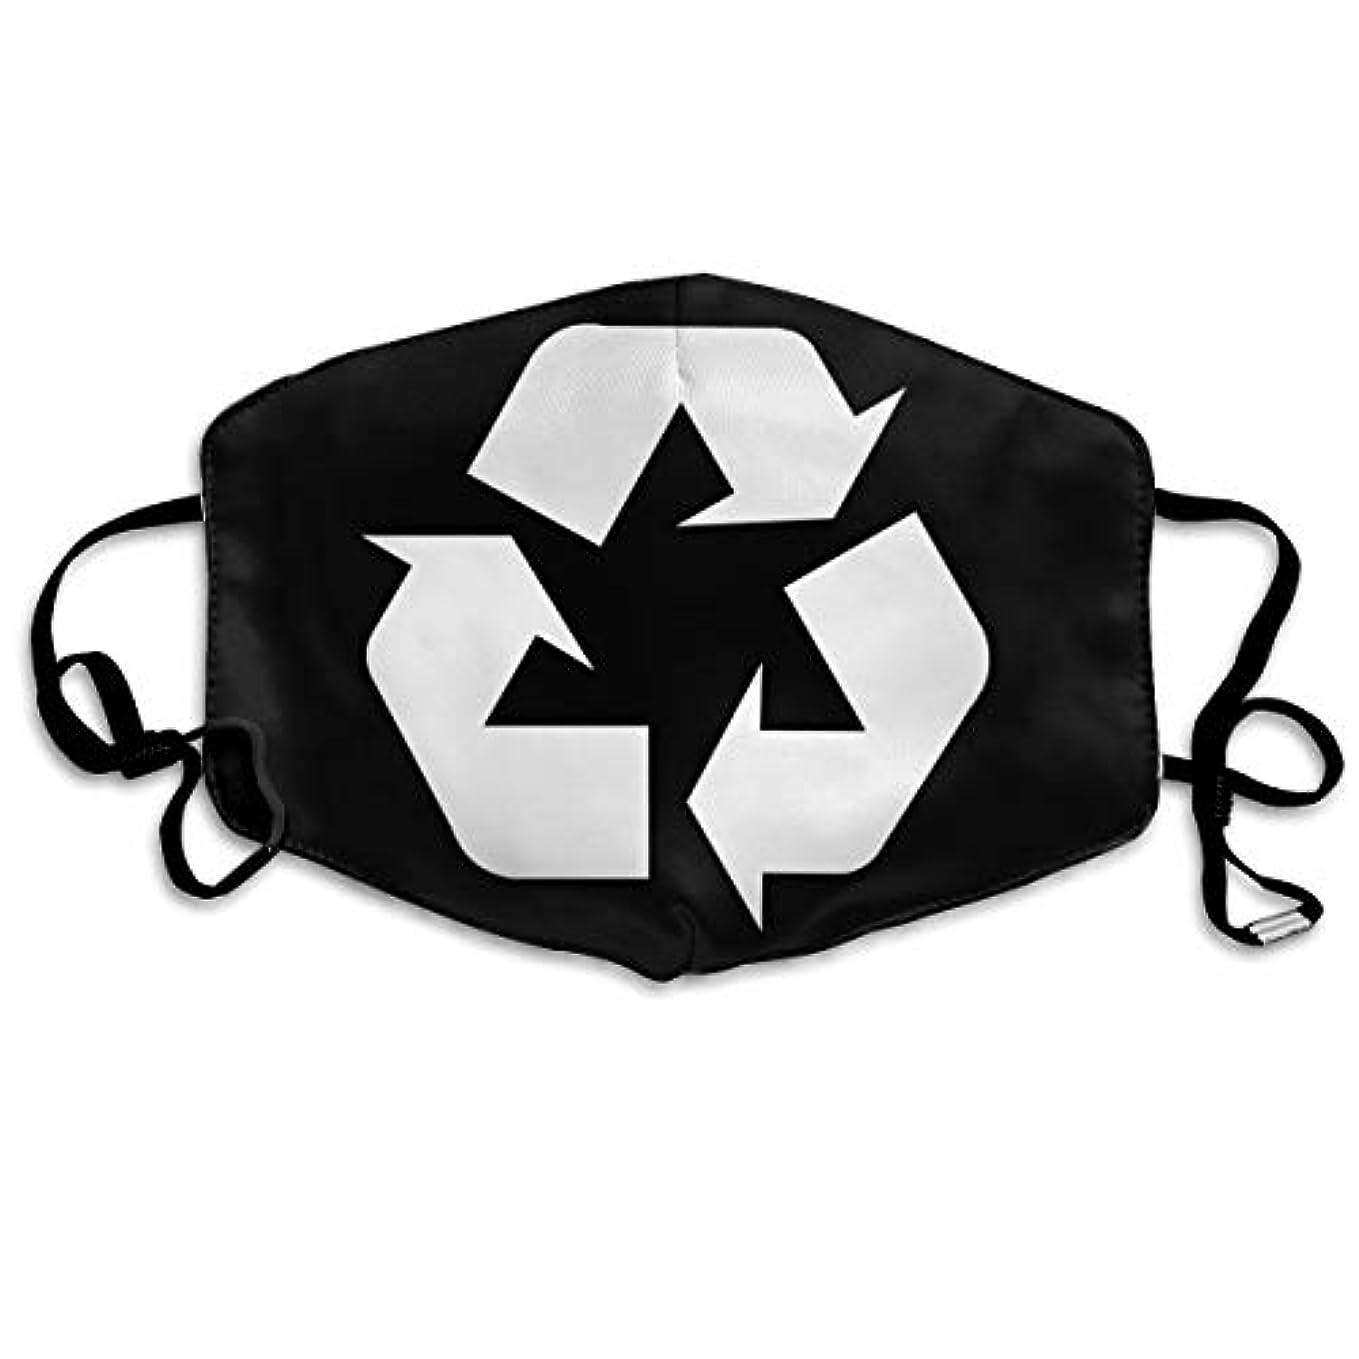 レギュラー土流すMorningligh リサイクル ロゴ マスク 使い捨てマスク ファッションマスク 個別包装 まとめ買い 防災 避難 緊急 抗菌 花粉症予防 風邪予防 男女兼用 健康を守るため